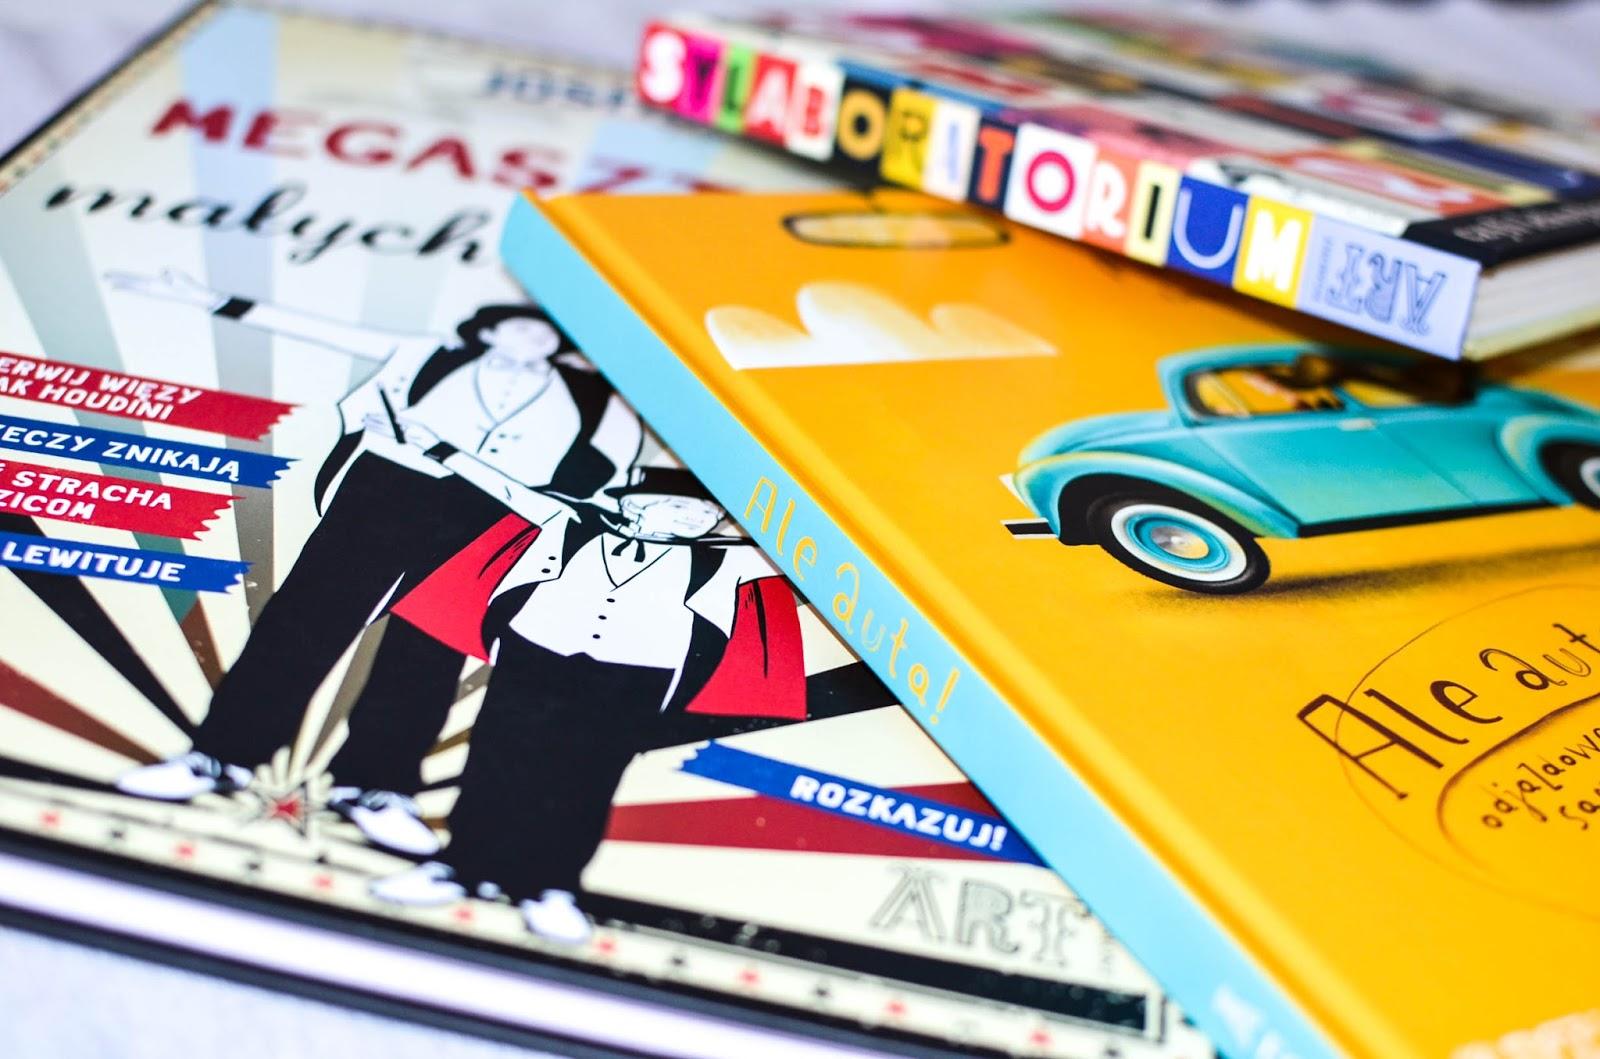 książki dla dzieci o motoryzacji, ale auta, megasztuczki, sylaboratorium